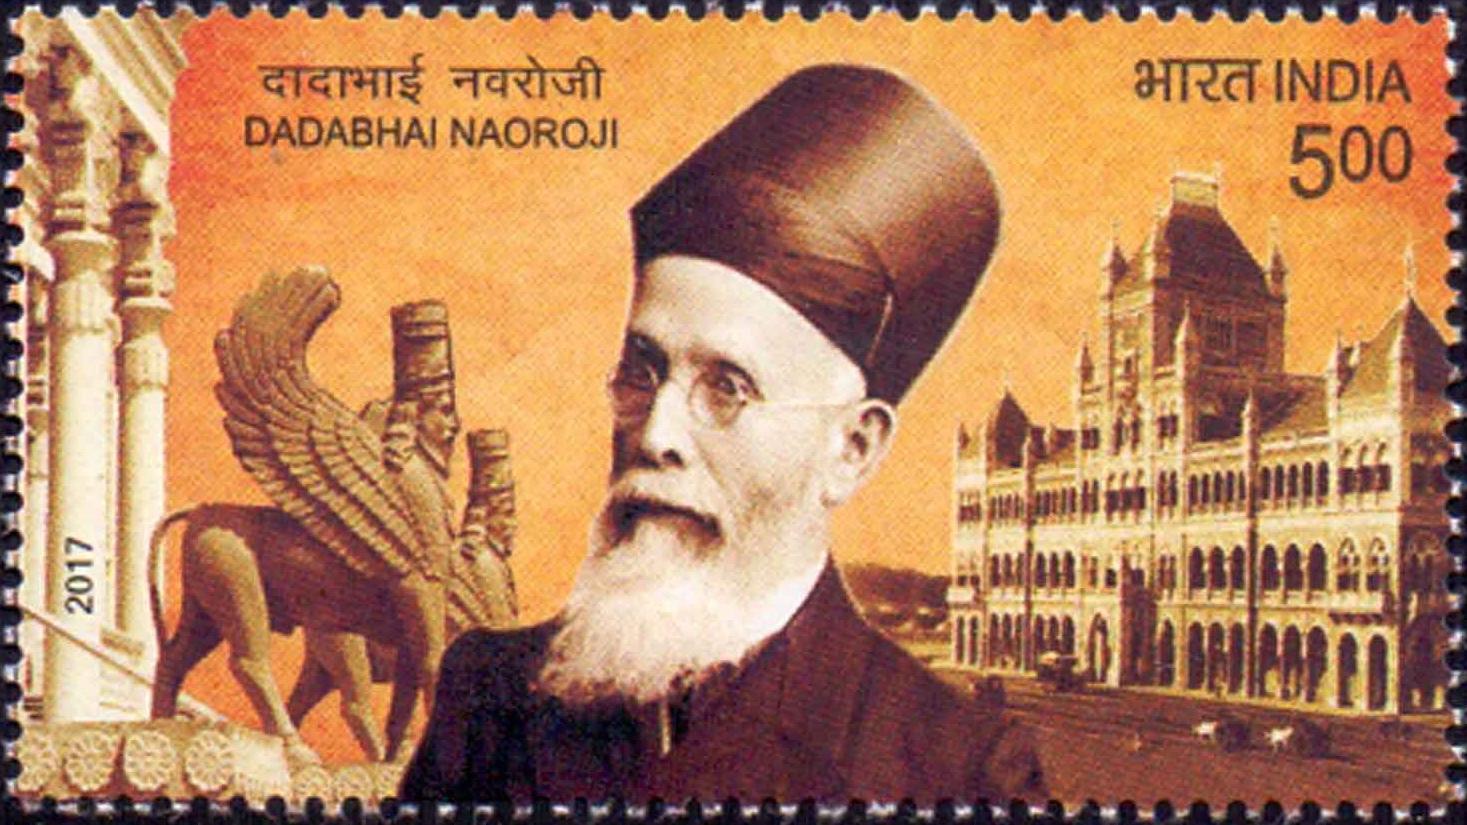 File:Dadabhai Naoroji 2017 stamp of India.jpg - Wikimedia Commons